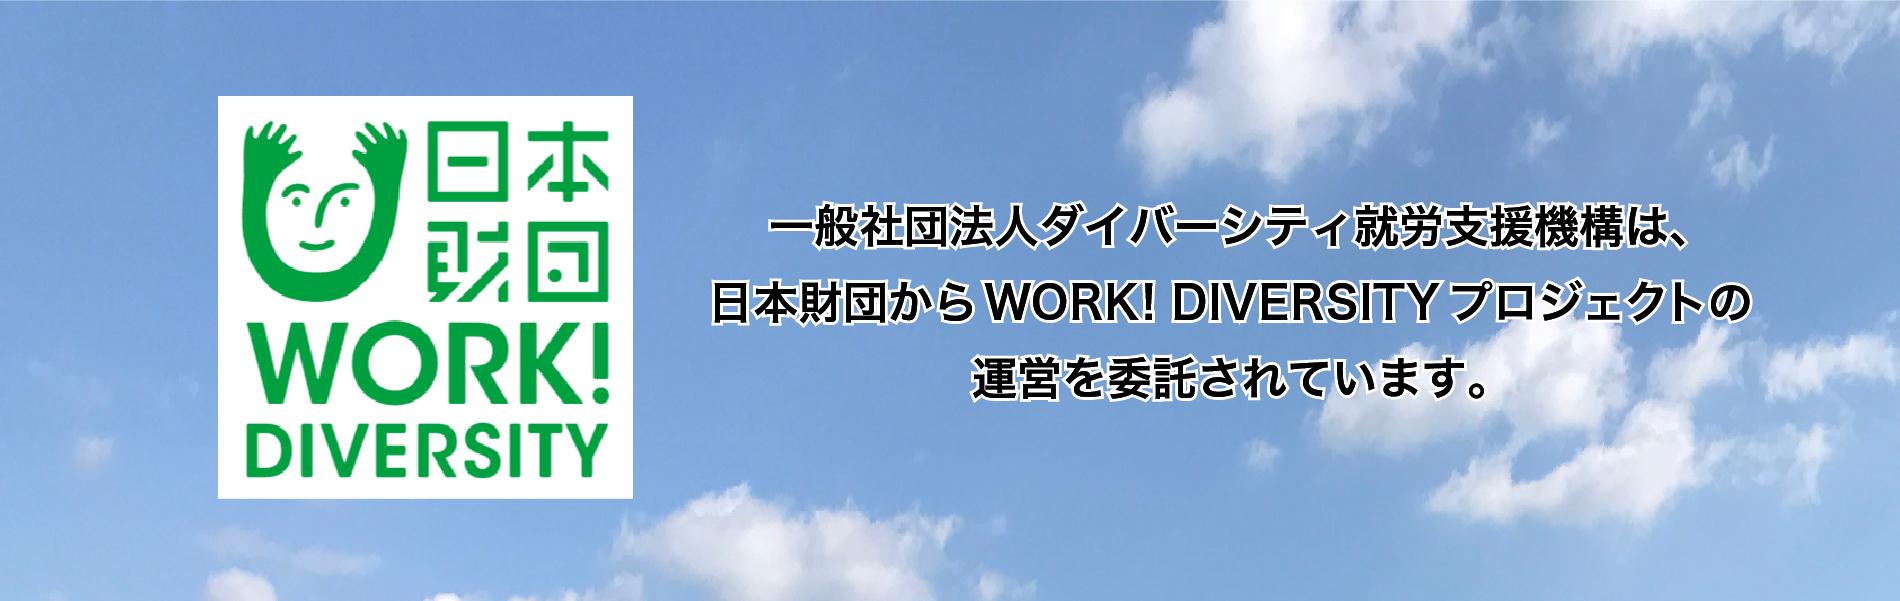 一般社団法人ダイバーシティ就労支援機構は、日本財団からWORK! DIVERSITYプロジェクトの運営を委託されています。